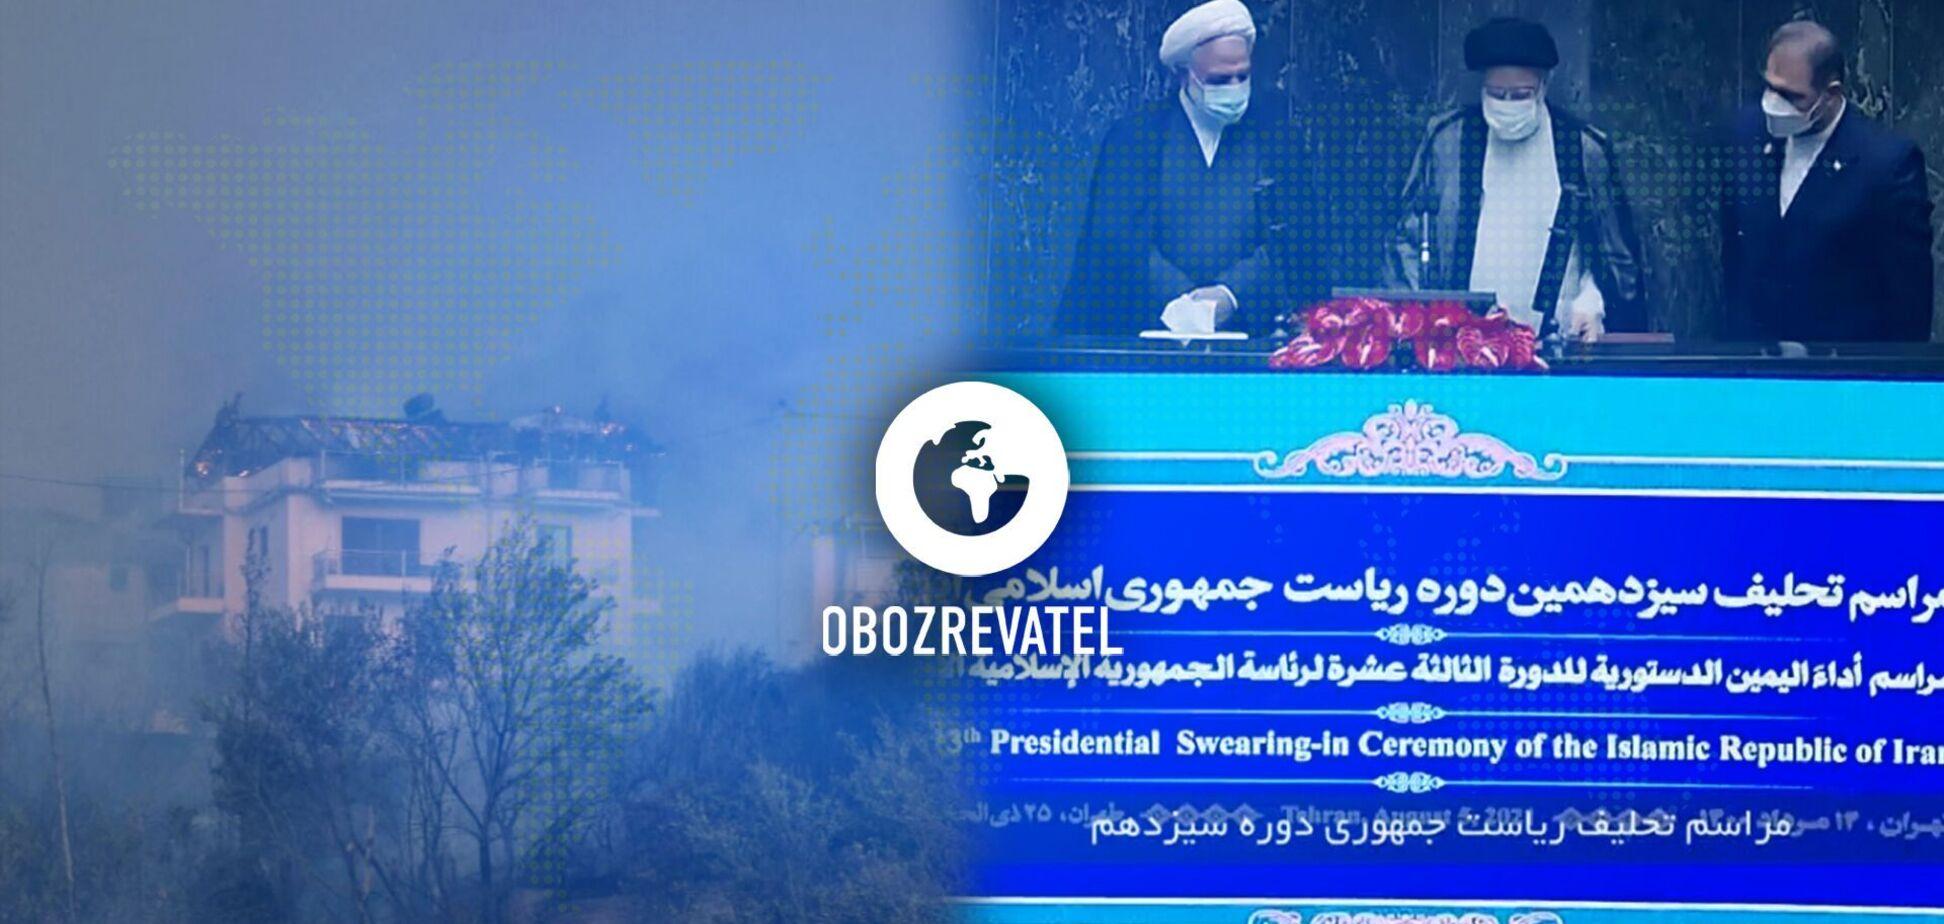 Раїсі: Іран не вироблятиме ядерну зброю – дайджест міжнародних подій